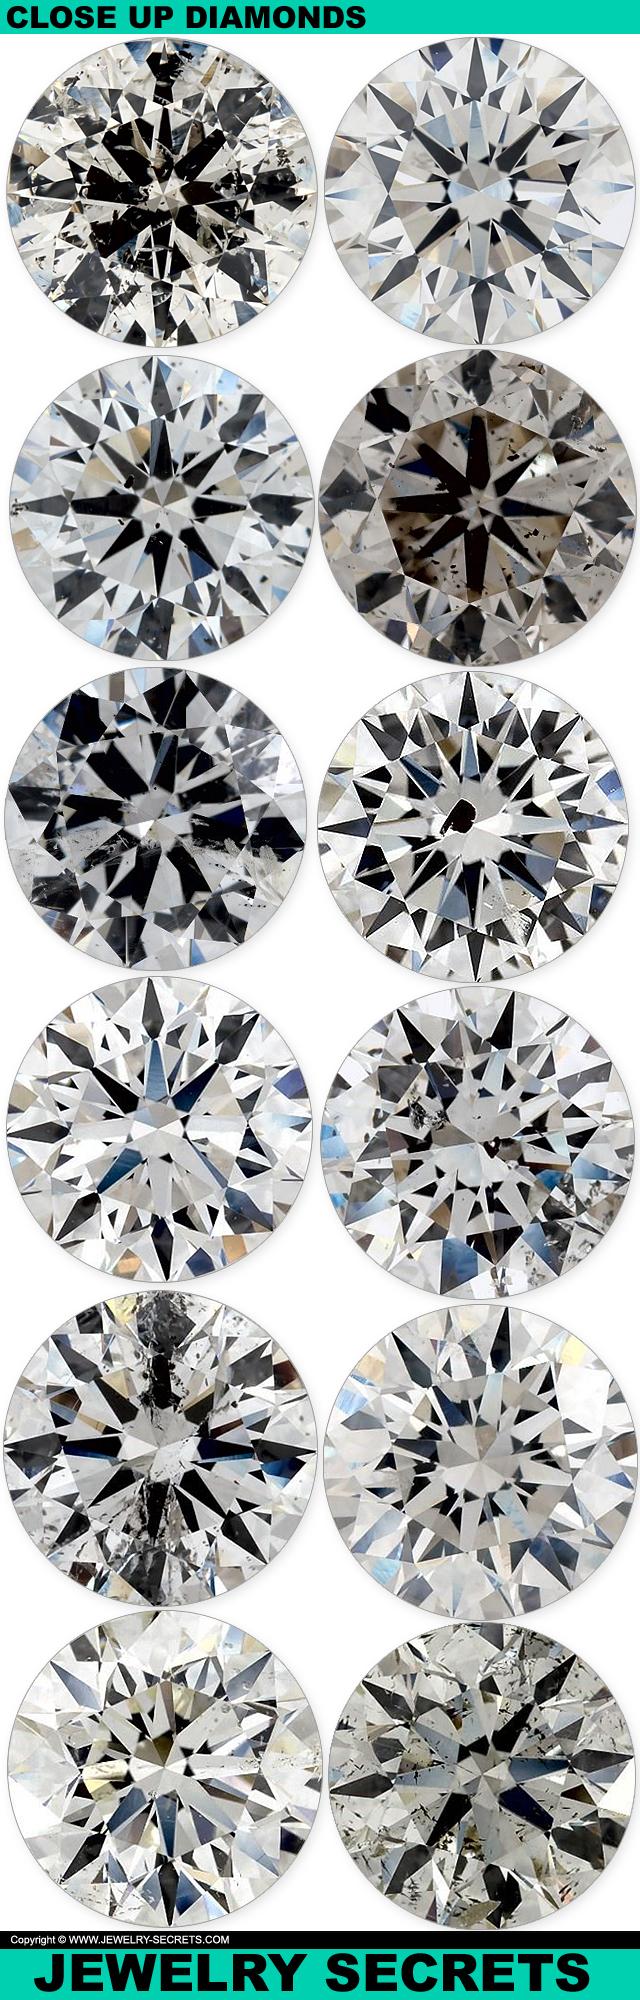 Close Up Photos Of Diamonds